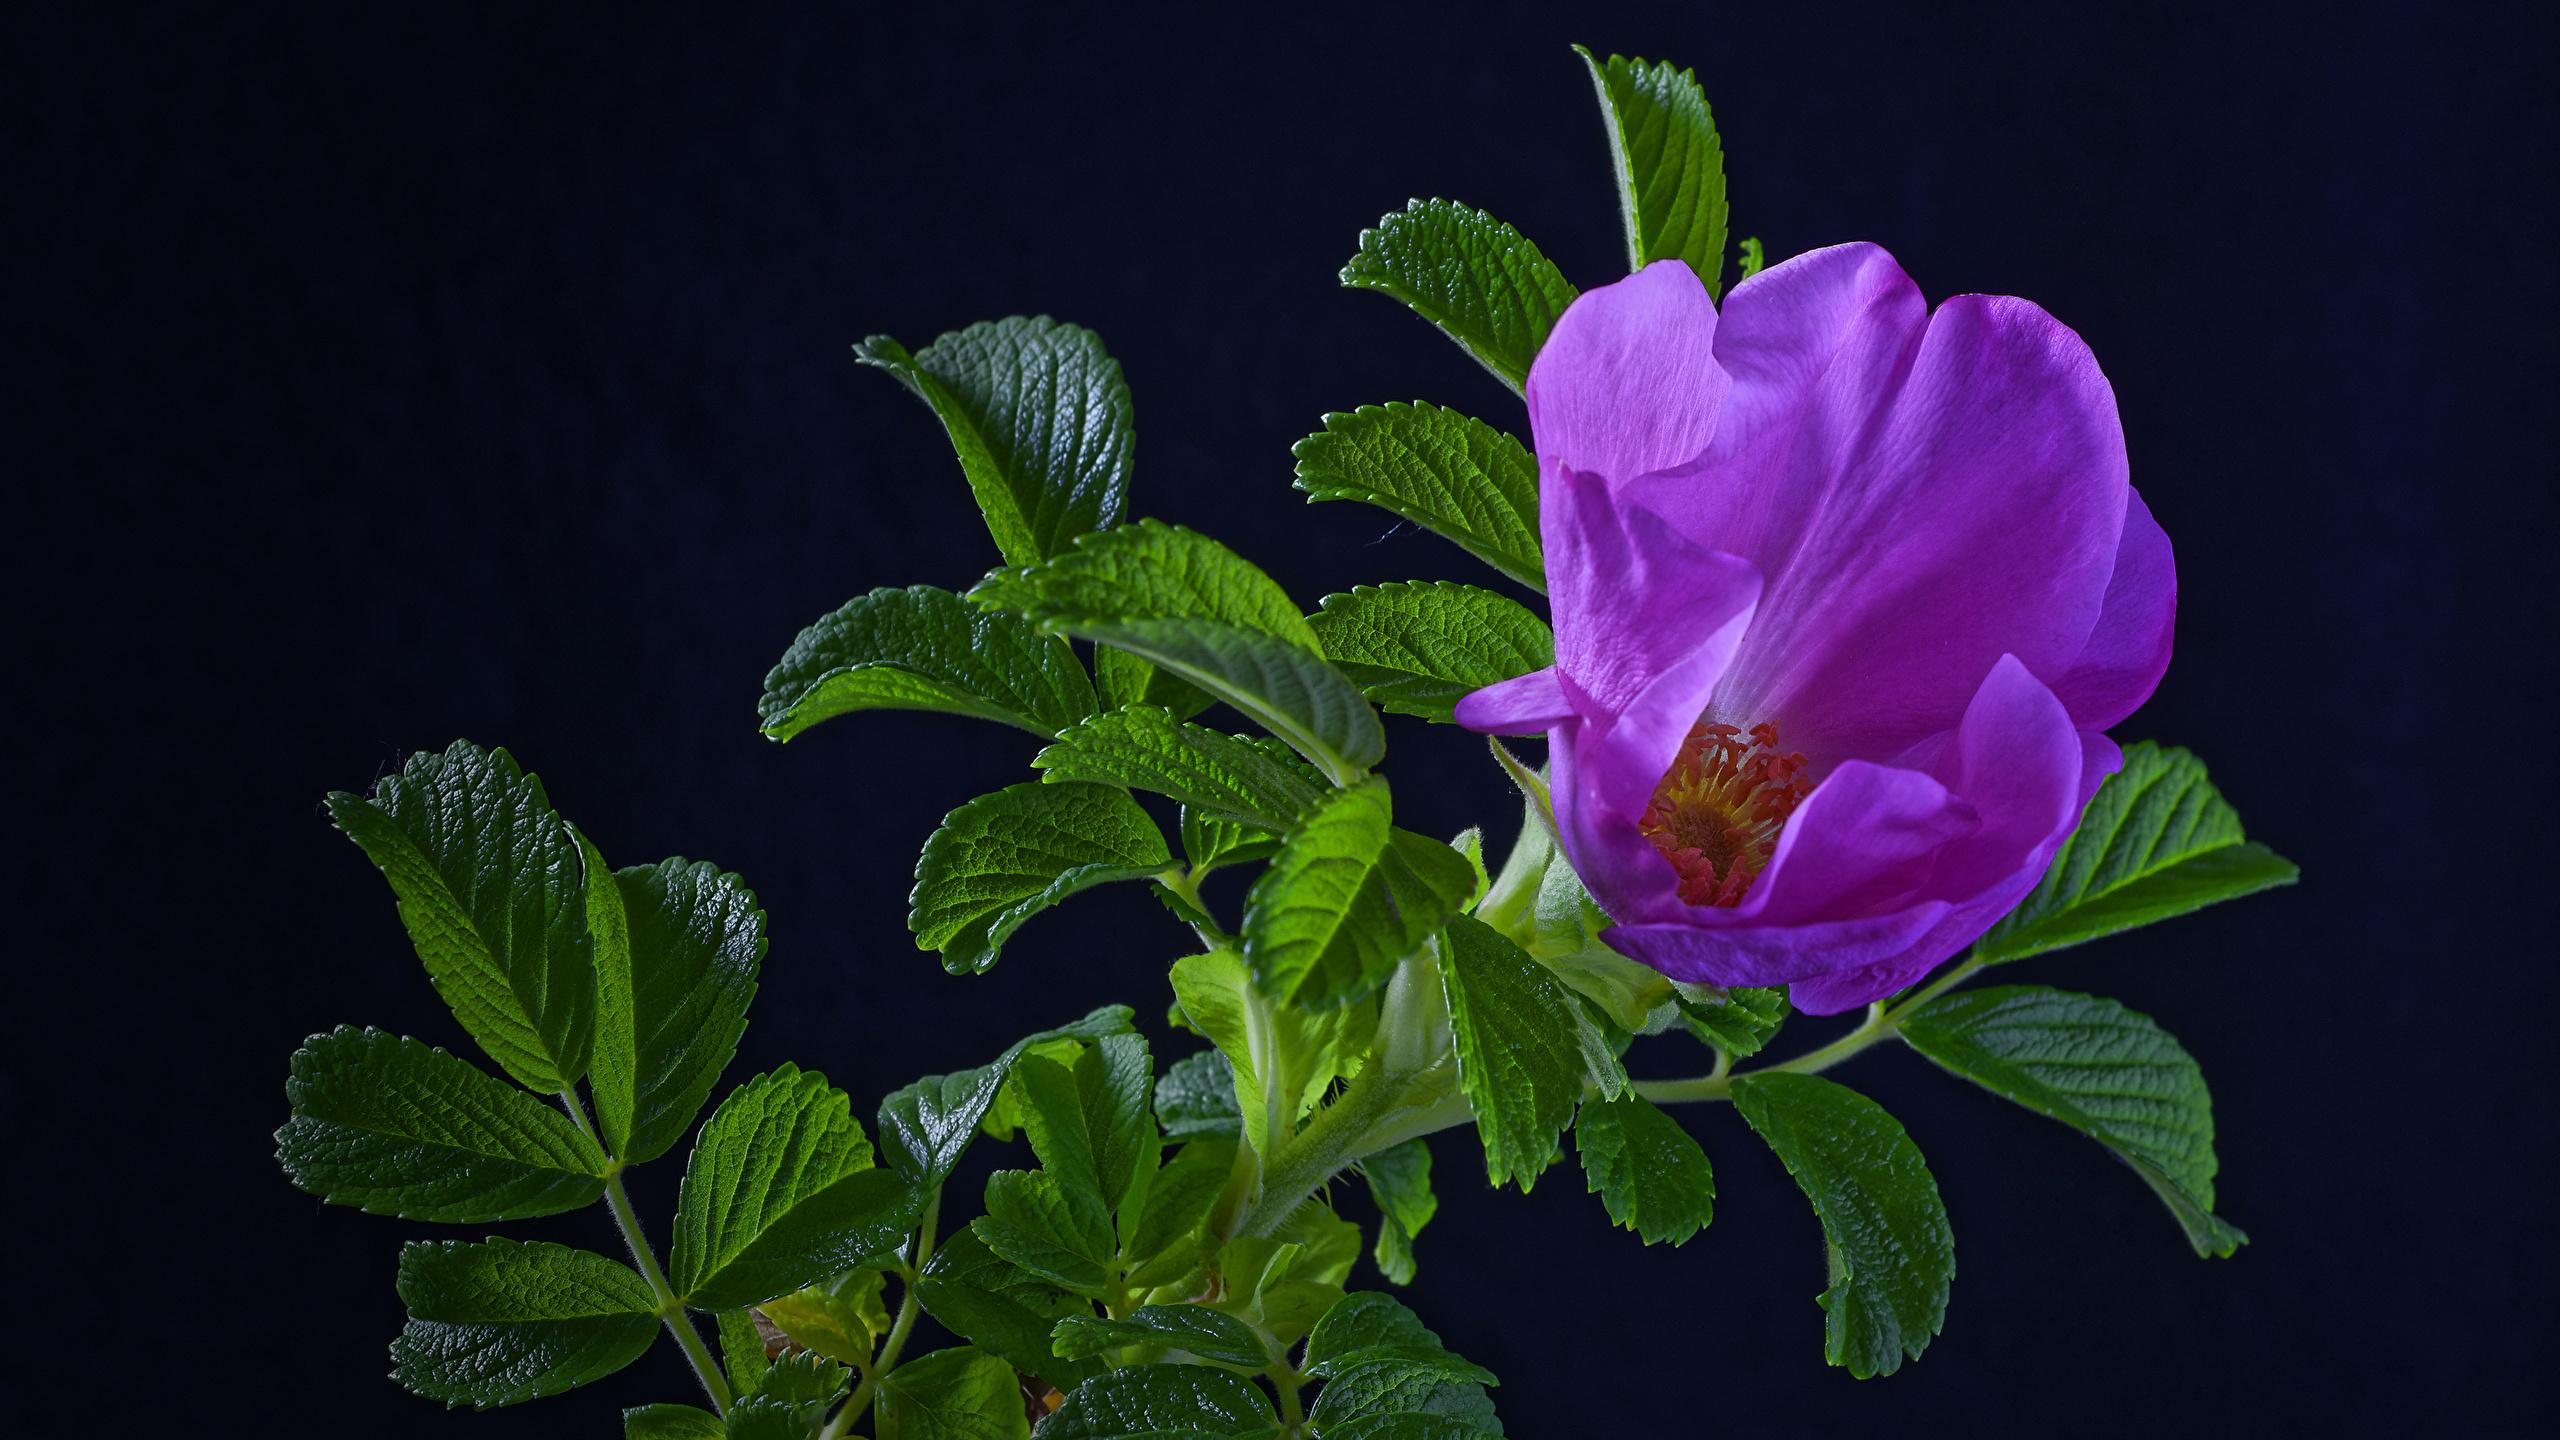 Обои для рабочего стола Листья роза фиолетовых цветок ветка Черный фон 2560x1440 лист Листва Розы Фиолетовый фиолетовая фиолетовые Цветы ветвь Ветки на ветке на черном фоне